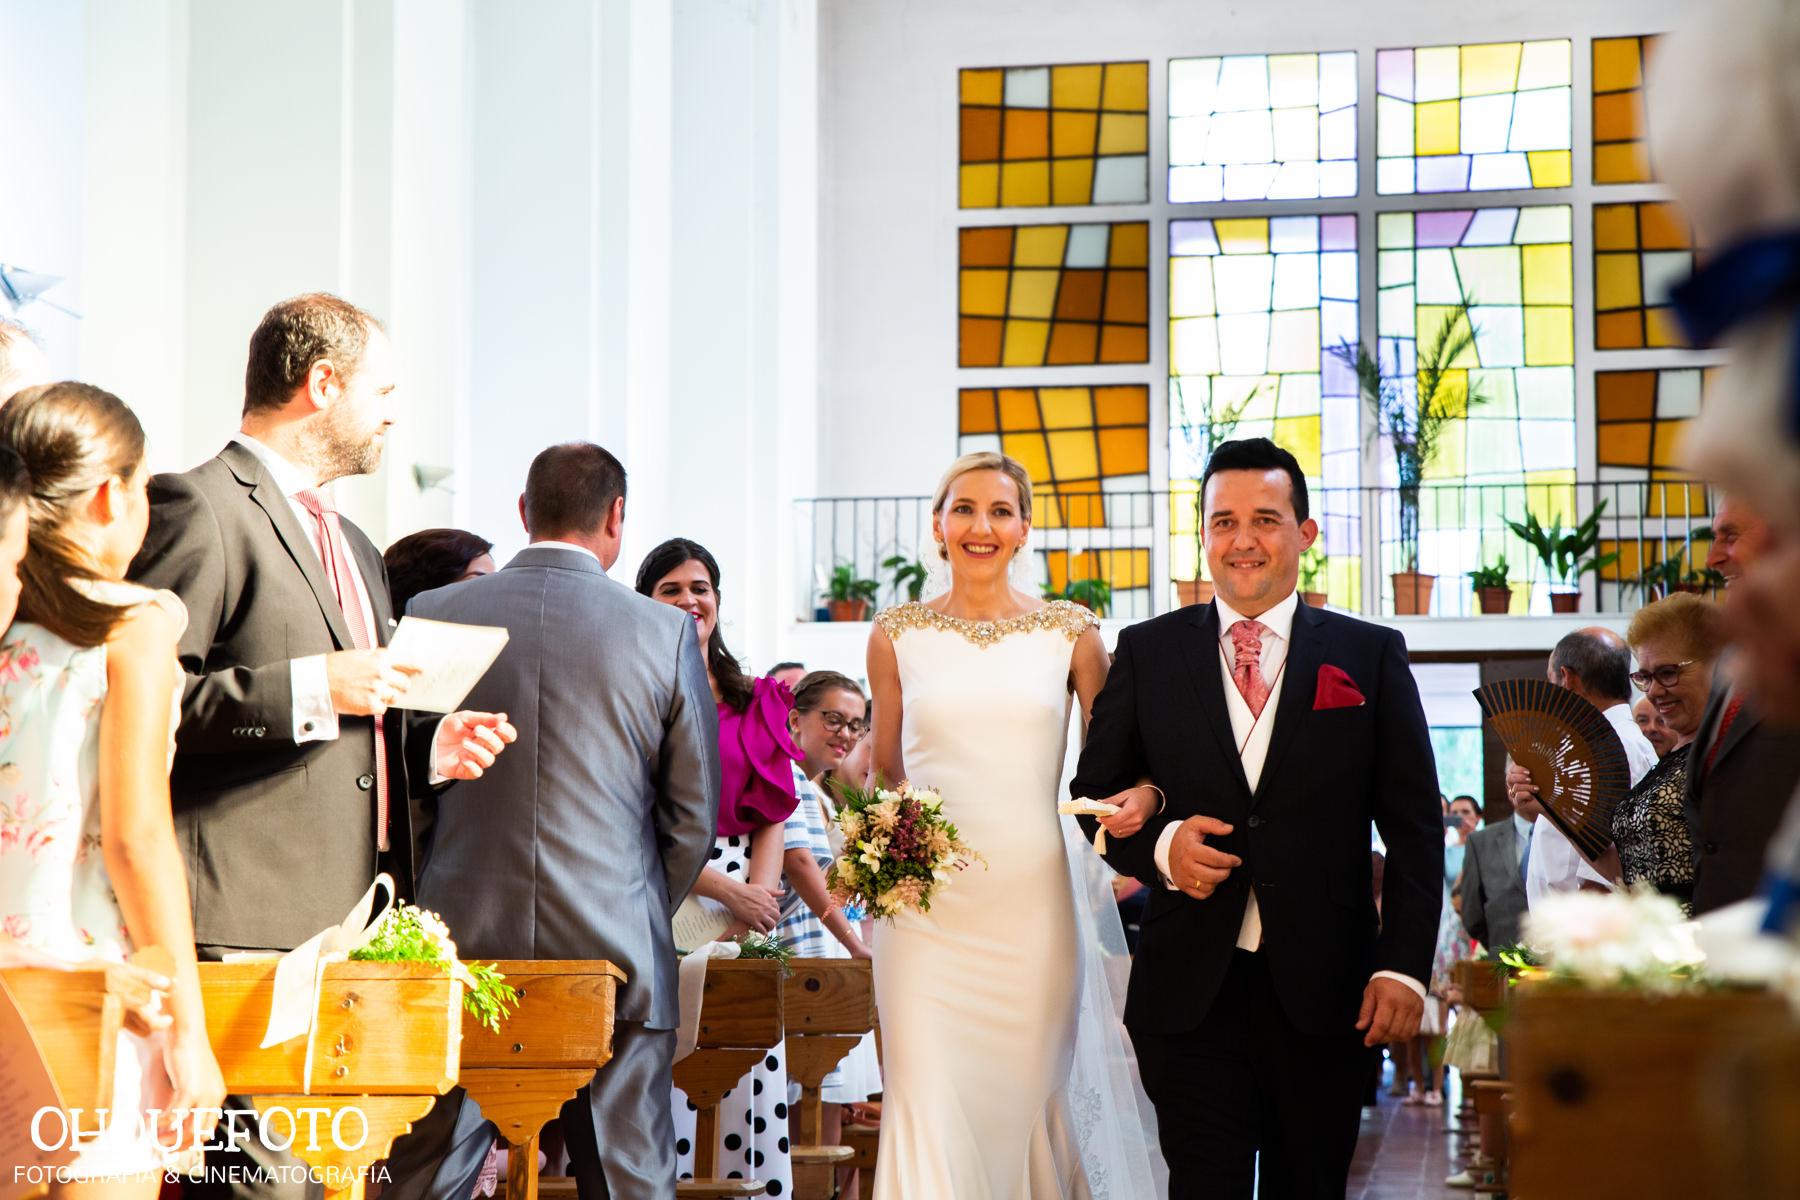 boda en la peraleda boda en cabeza del buey boda en capilla reportaje de bodas en almaden video de bodas en cordoba451 - Jose y Gema - Boda en Zarza Capilla y la Finca La Peraleda (Chillón)